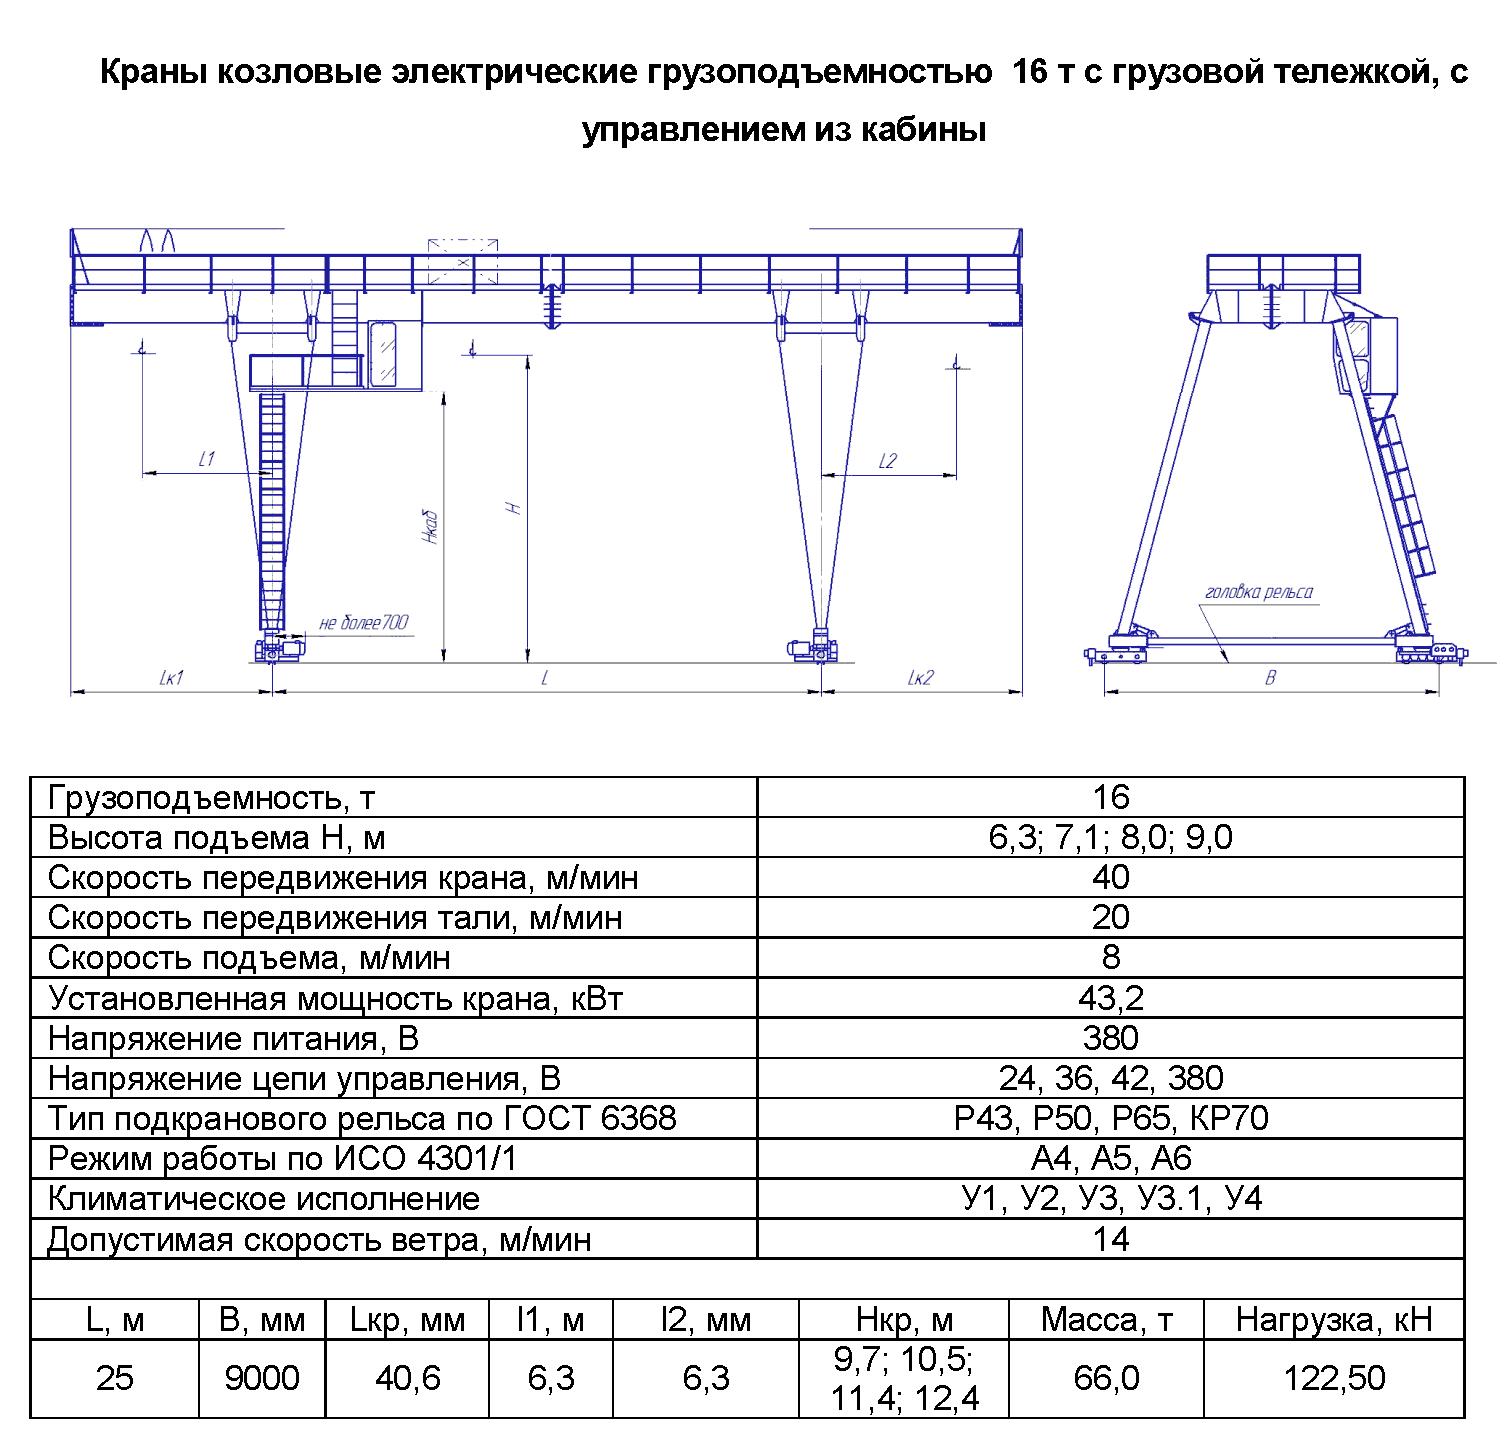 KKD 16 250 - Кран козловой электрический двухбалочный